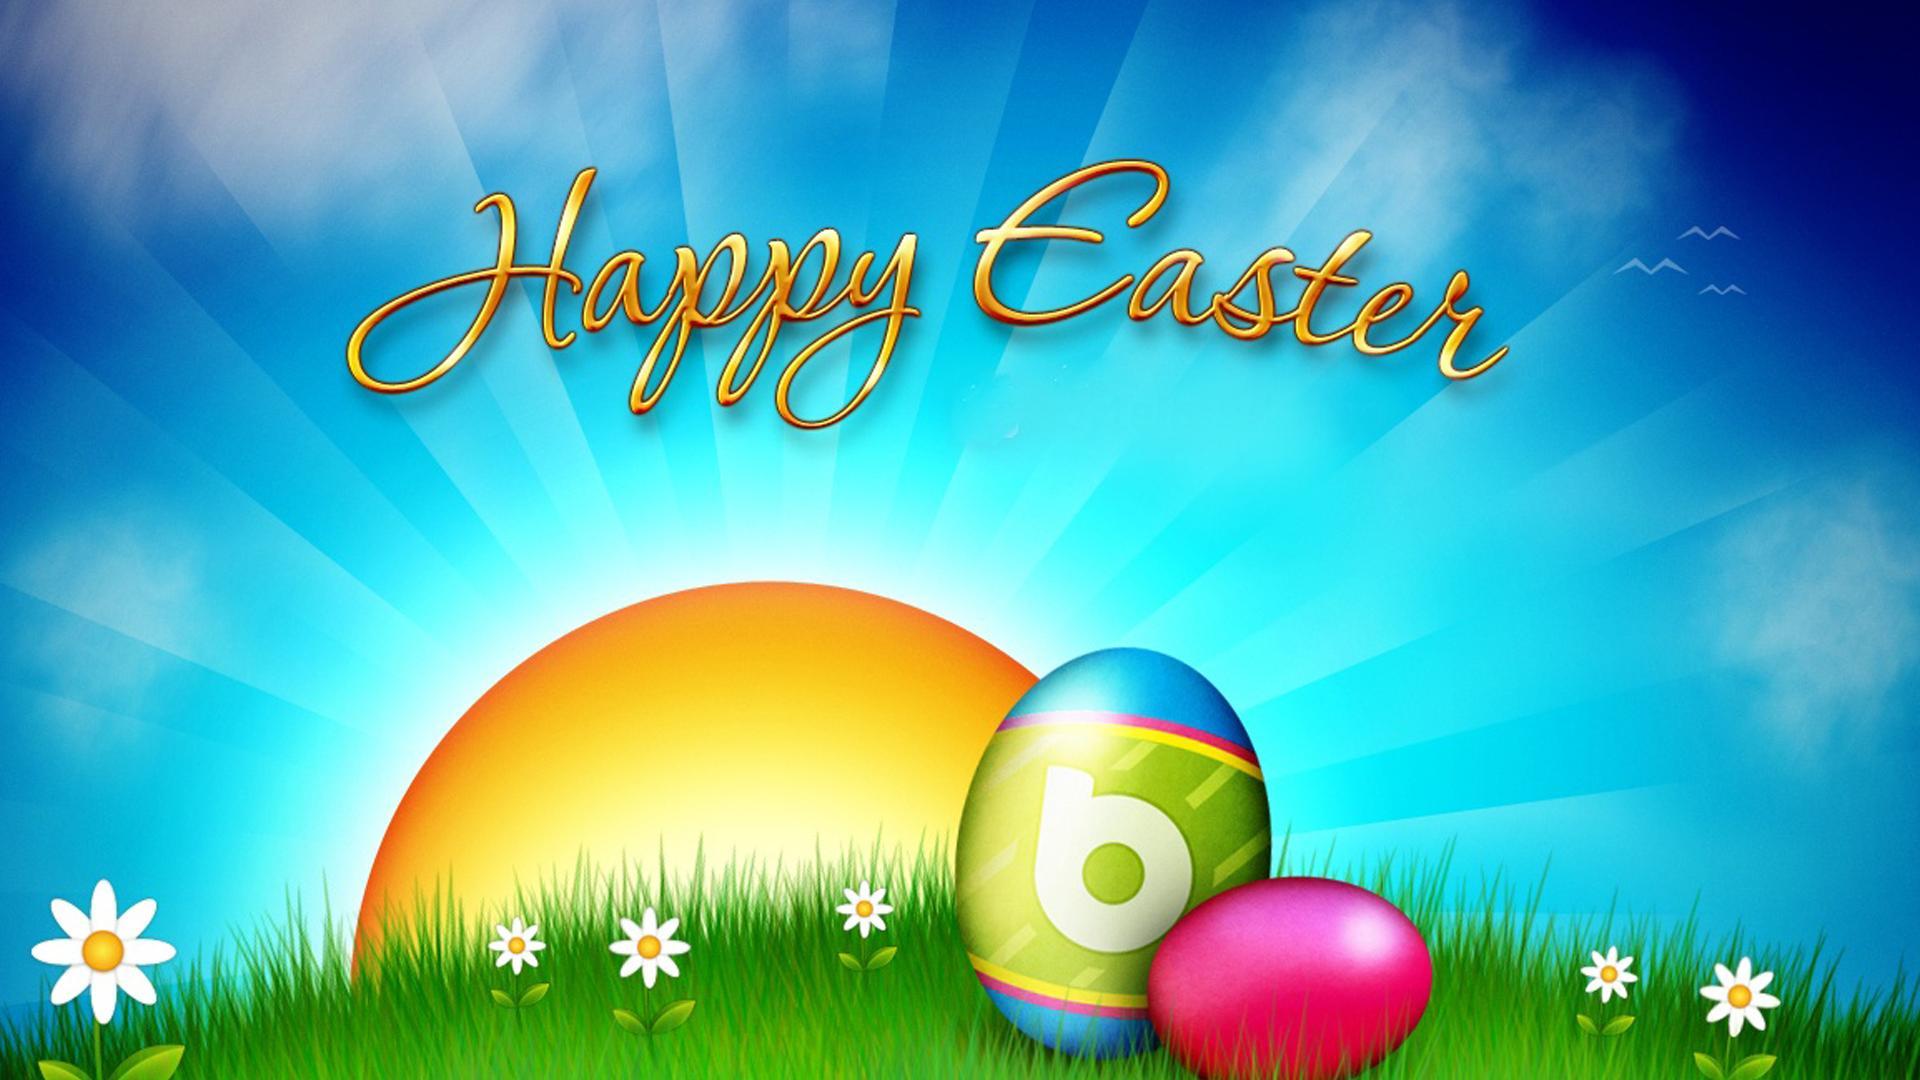 Happy Easter HD Wallpapers Download Desktop Wallpaper Images 1920x1080